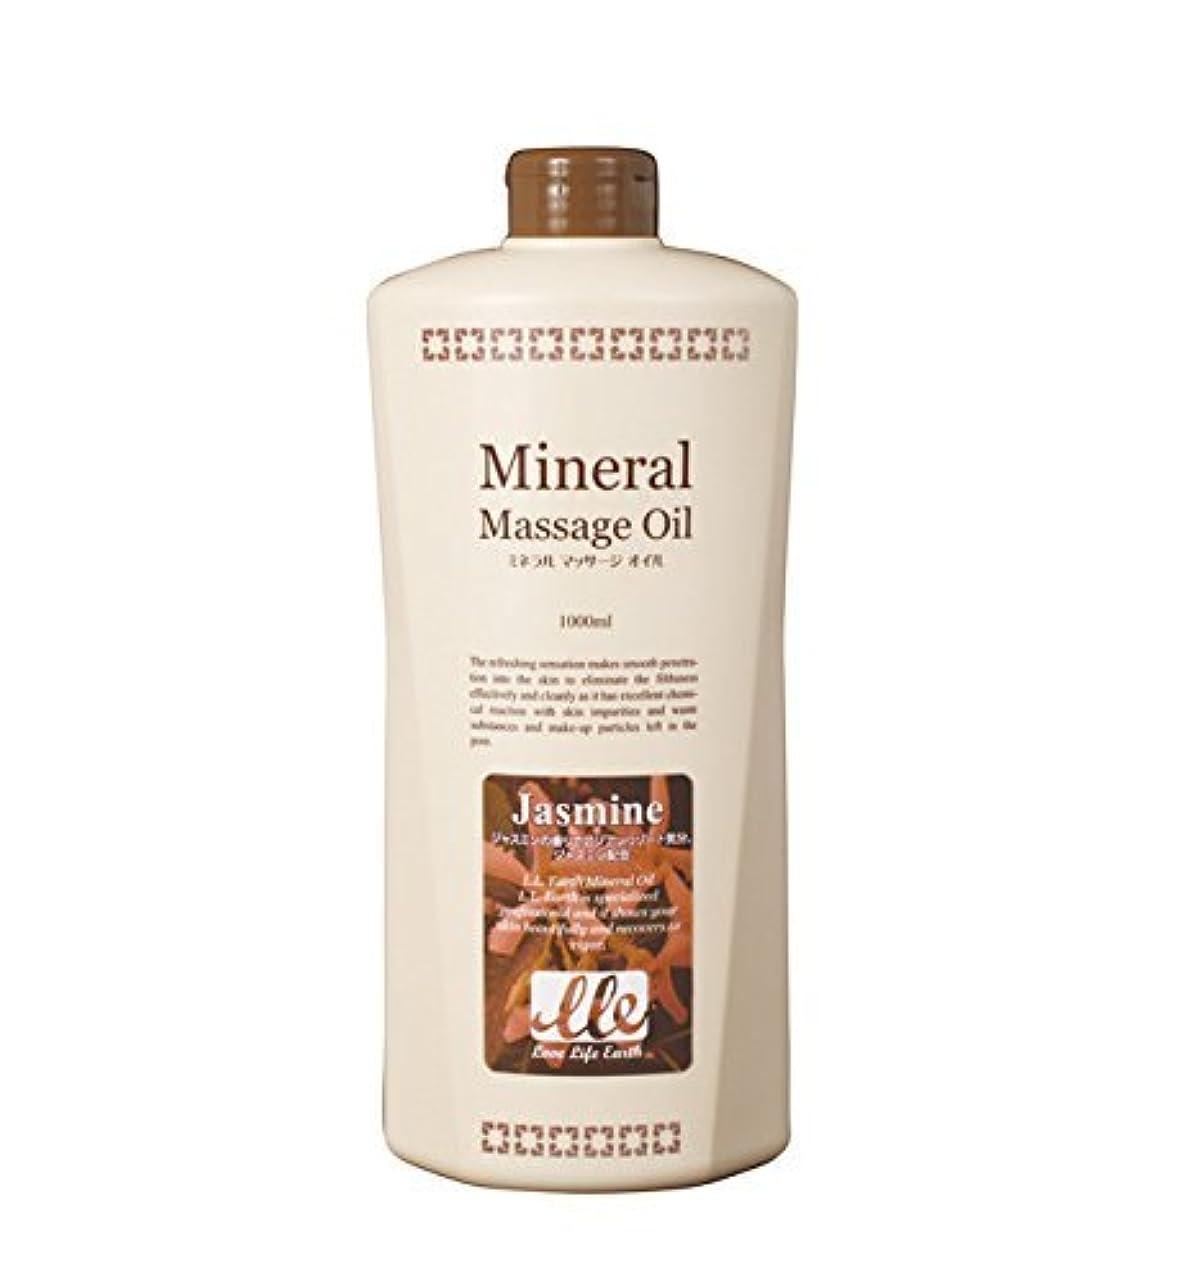 のみ聖職者足音LLE 業務用 ミネラル マッサージオイル [香り5種] (ボディ用) ジャスミン1L